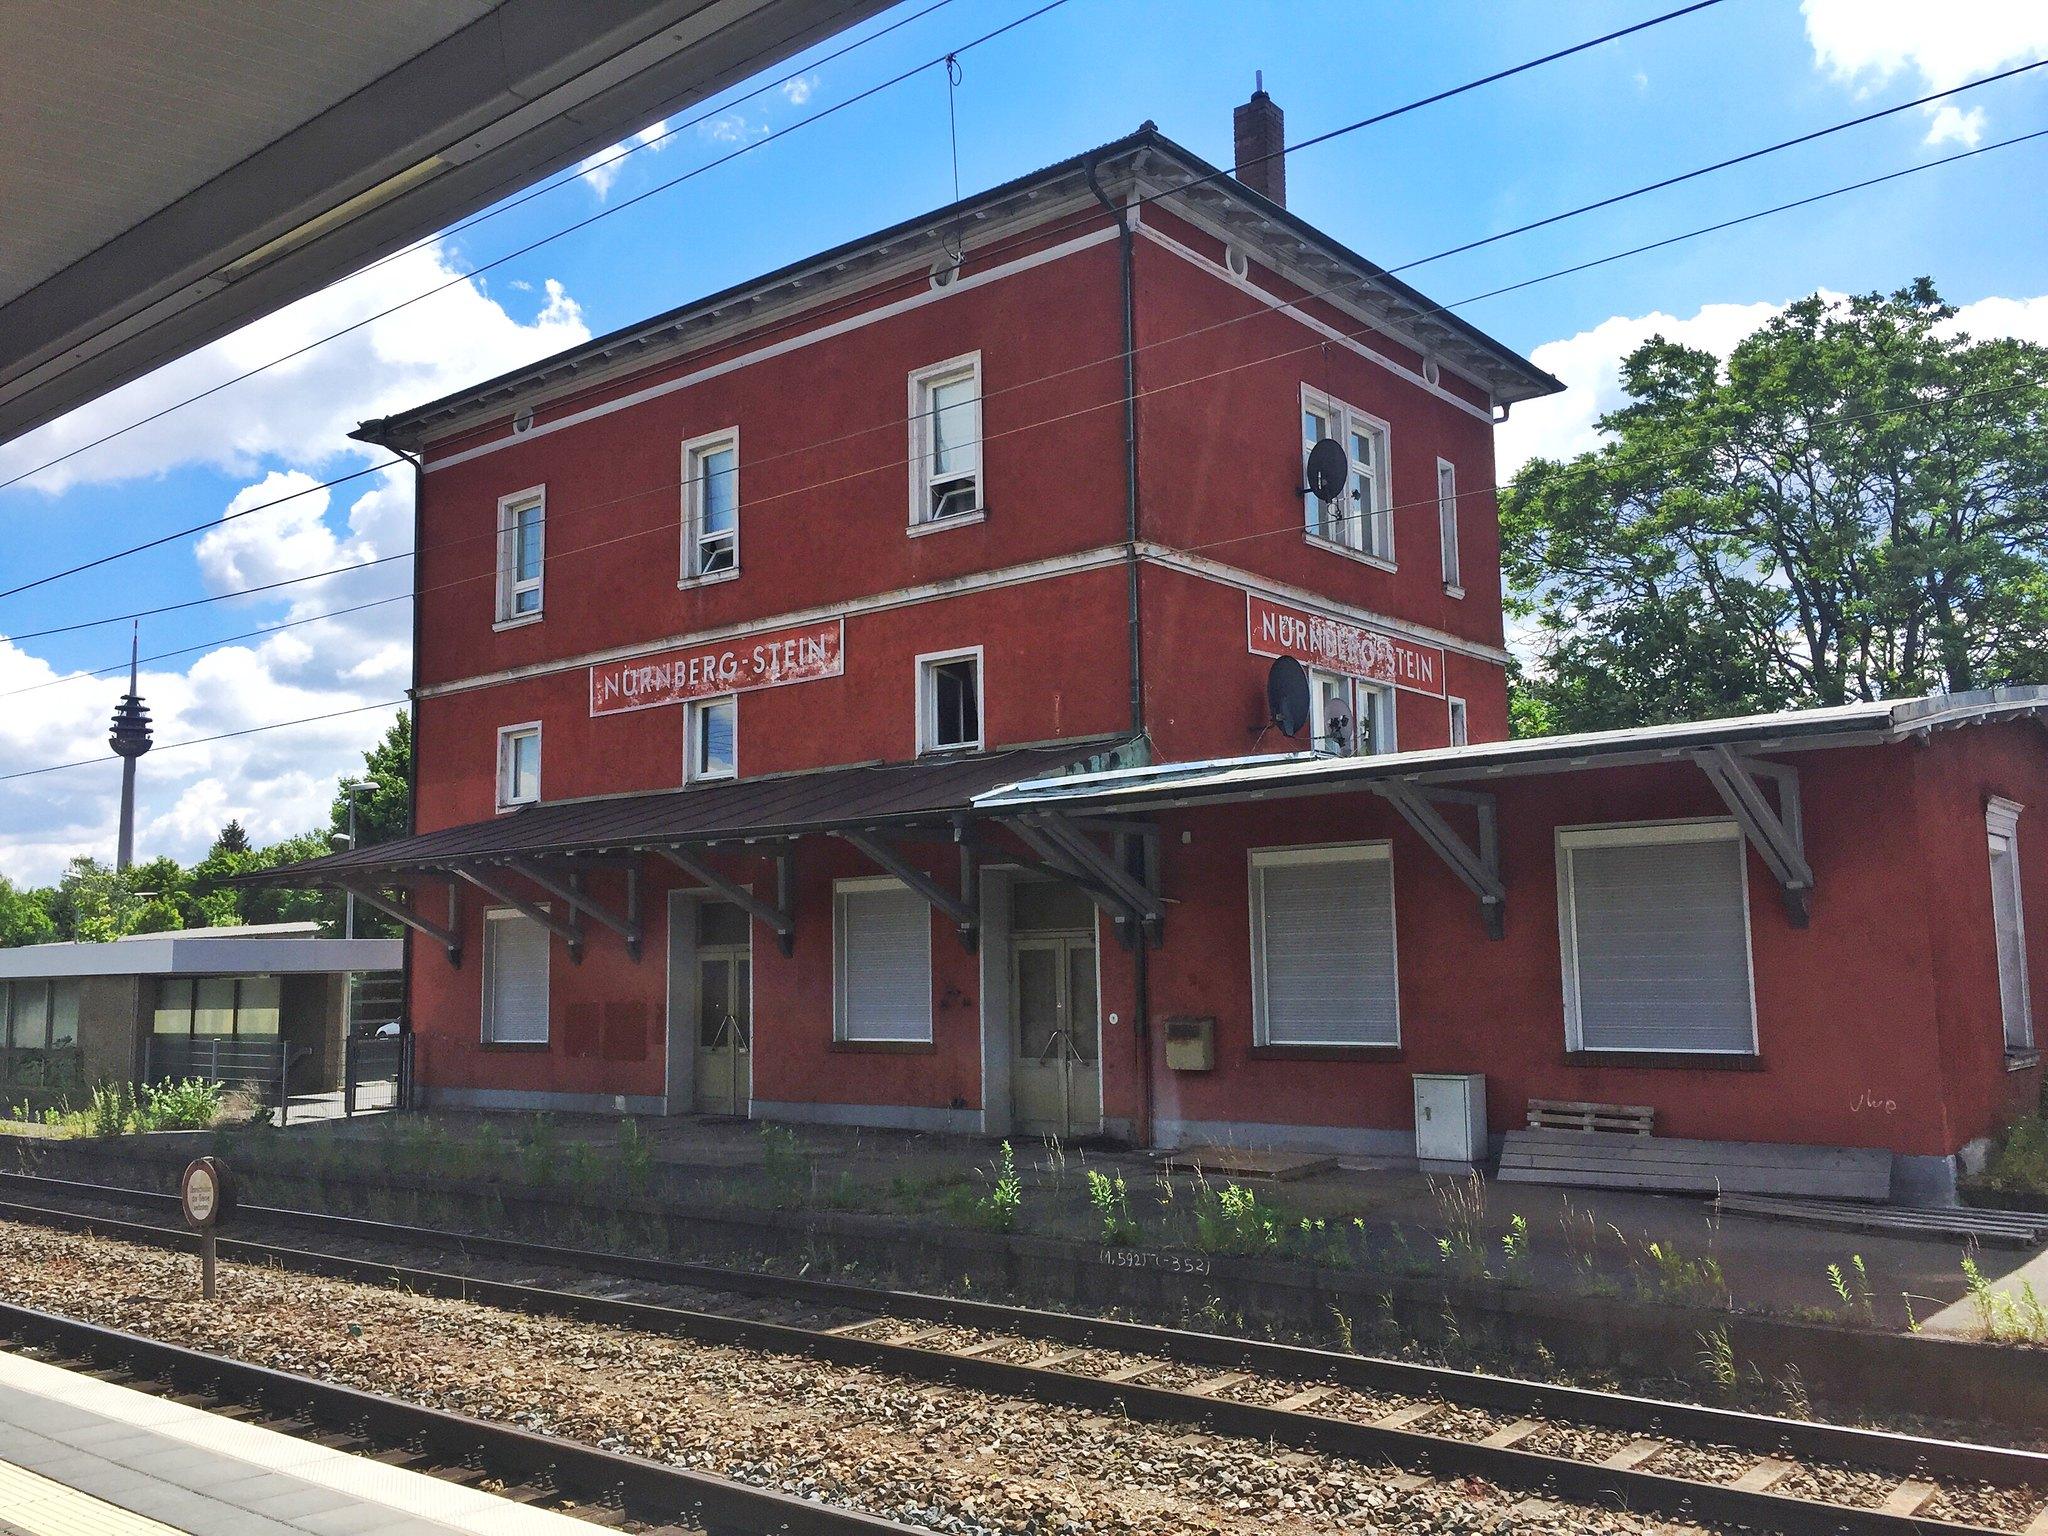 2017-06-16 - Bahnhof Nürnberg-Stein #nbglove